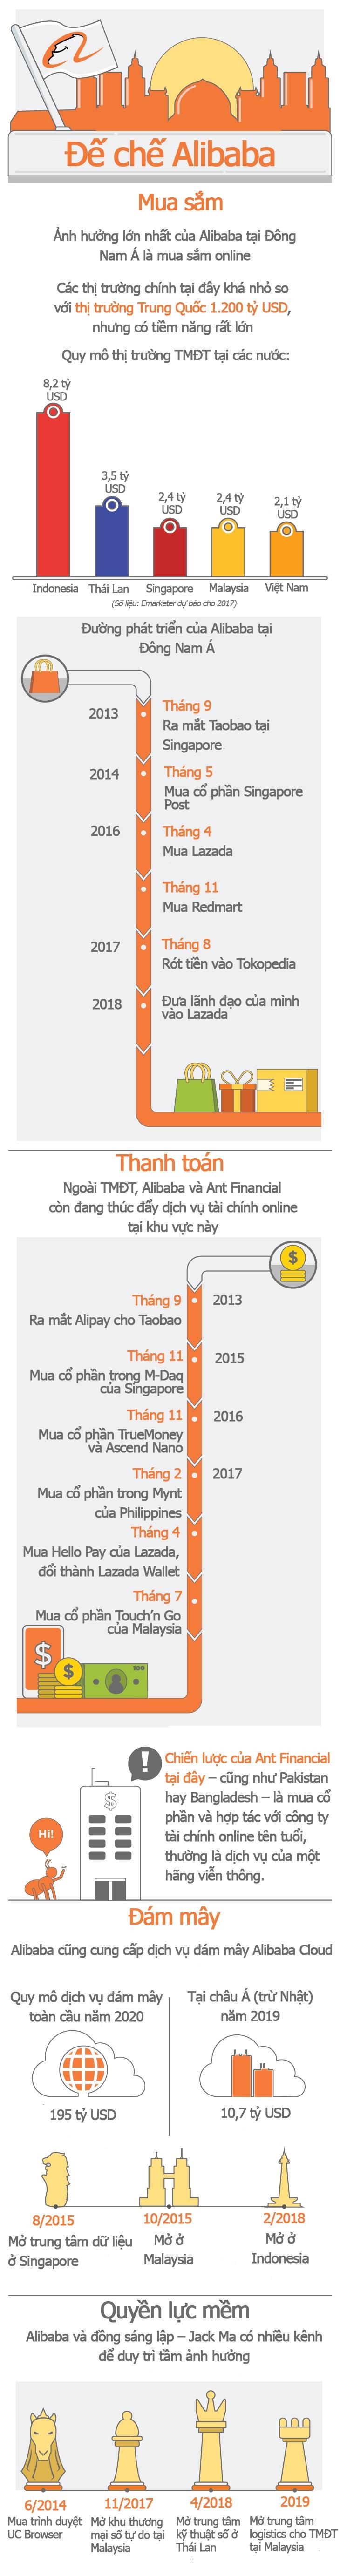 Đế chế của Alibaba tại Đông Nam Á